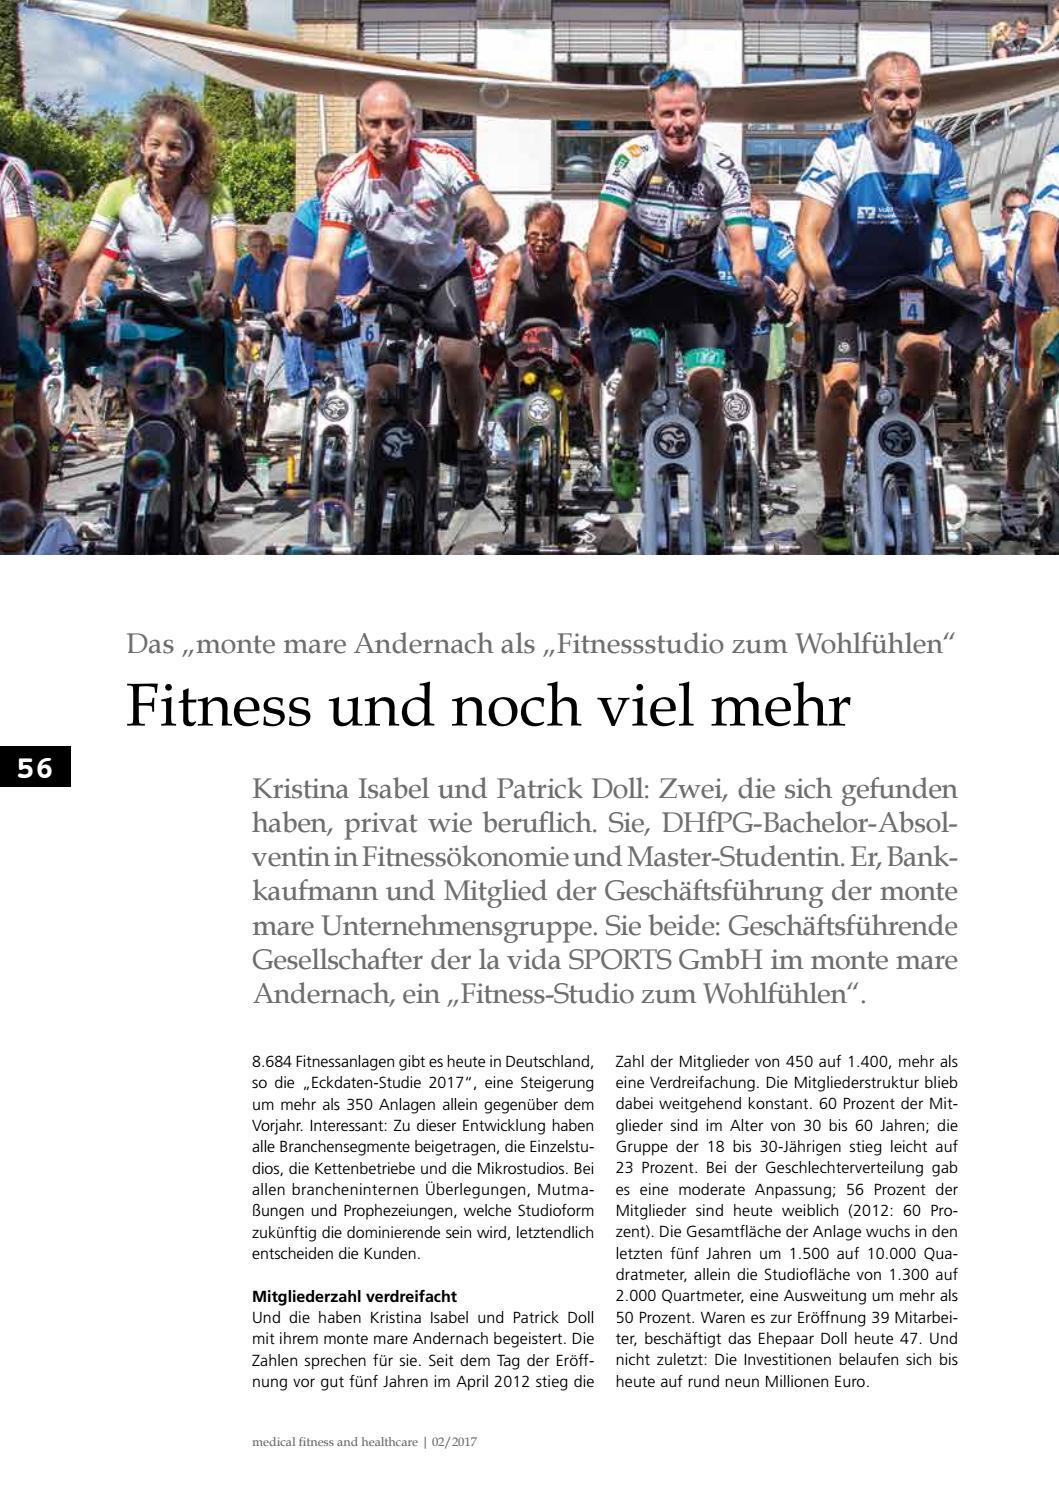 """Fitness Management: """"Fitnessstudio zum Wohlfühlen"""" - monte mare Andernach"""